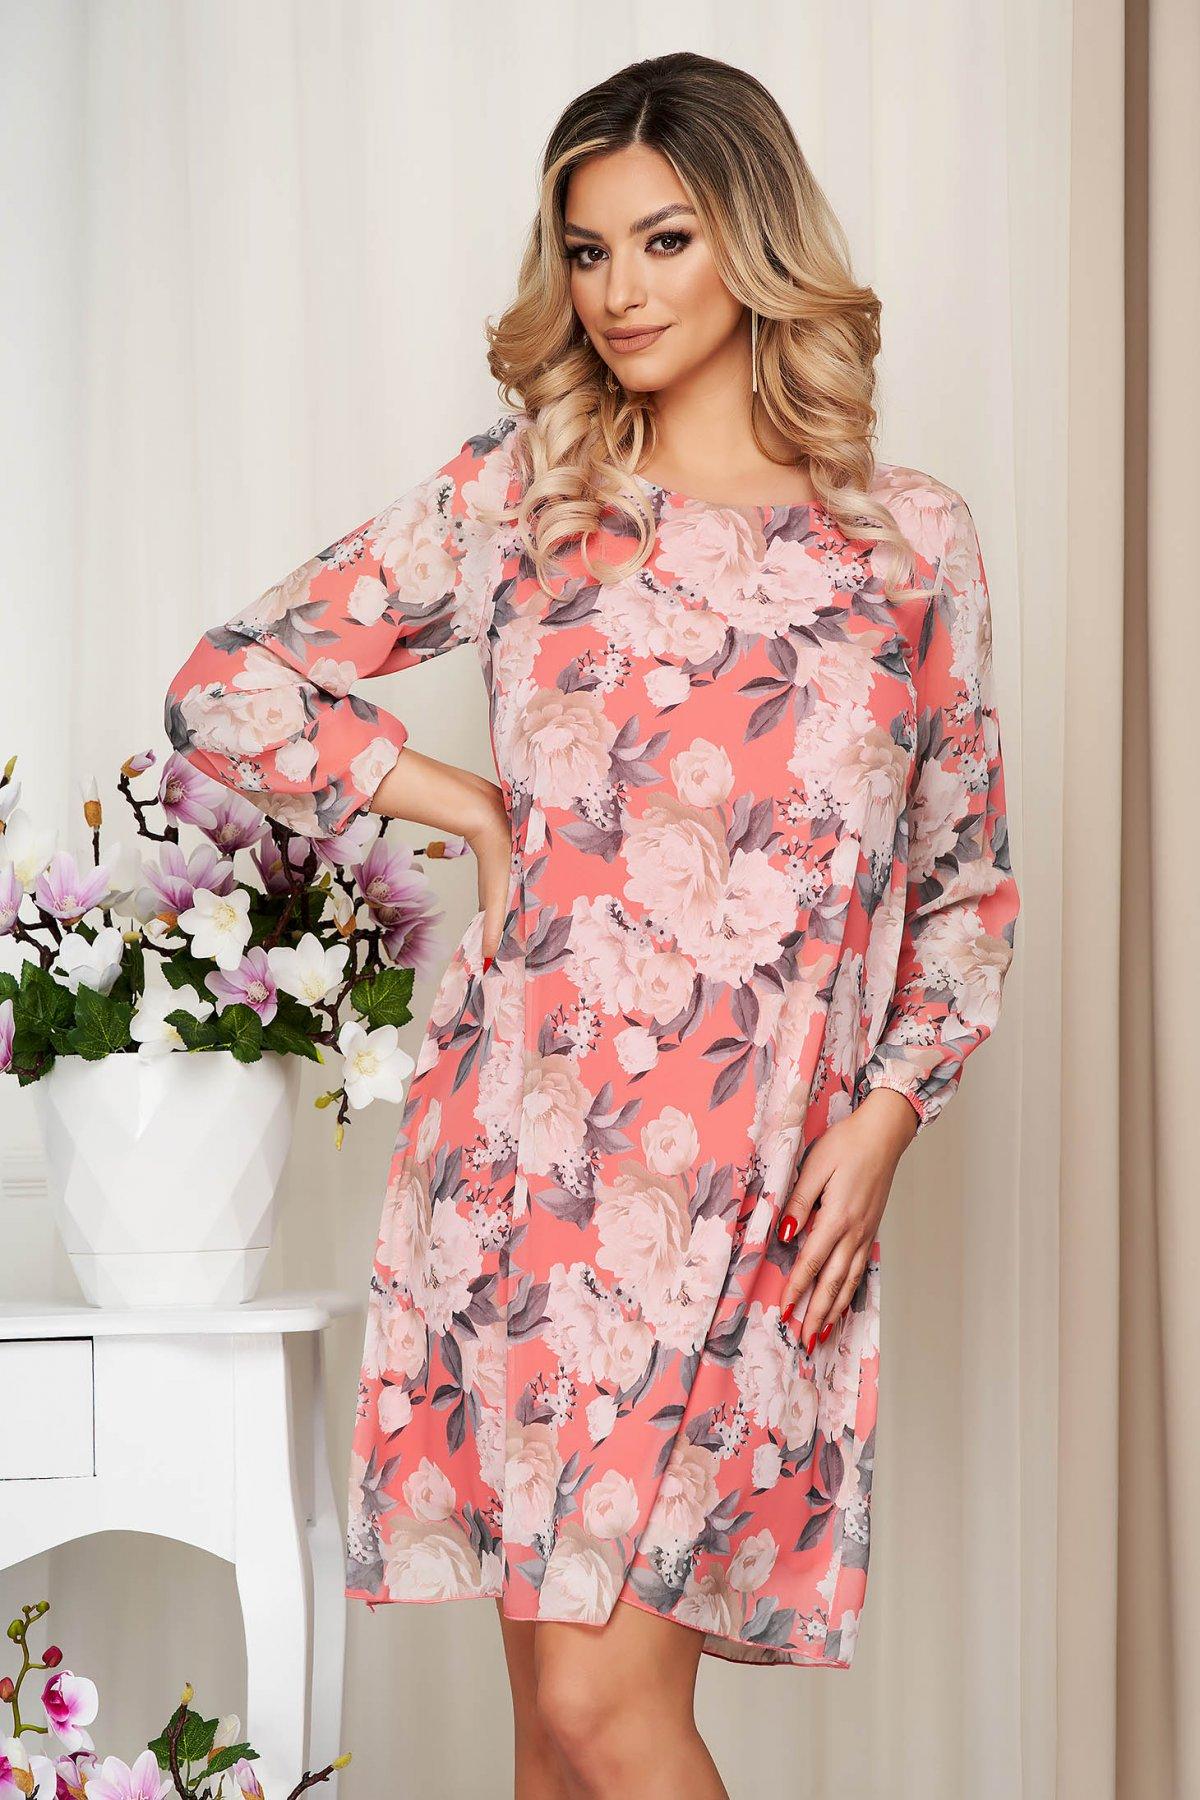 Rochie portocalie din voal cu imprimeu floral captusita pe interior - medelin.ro